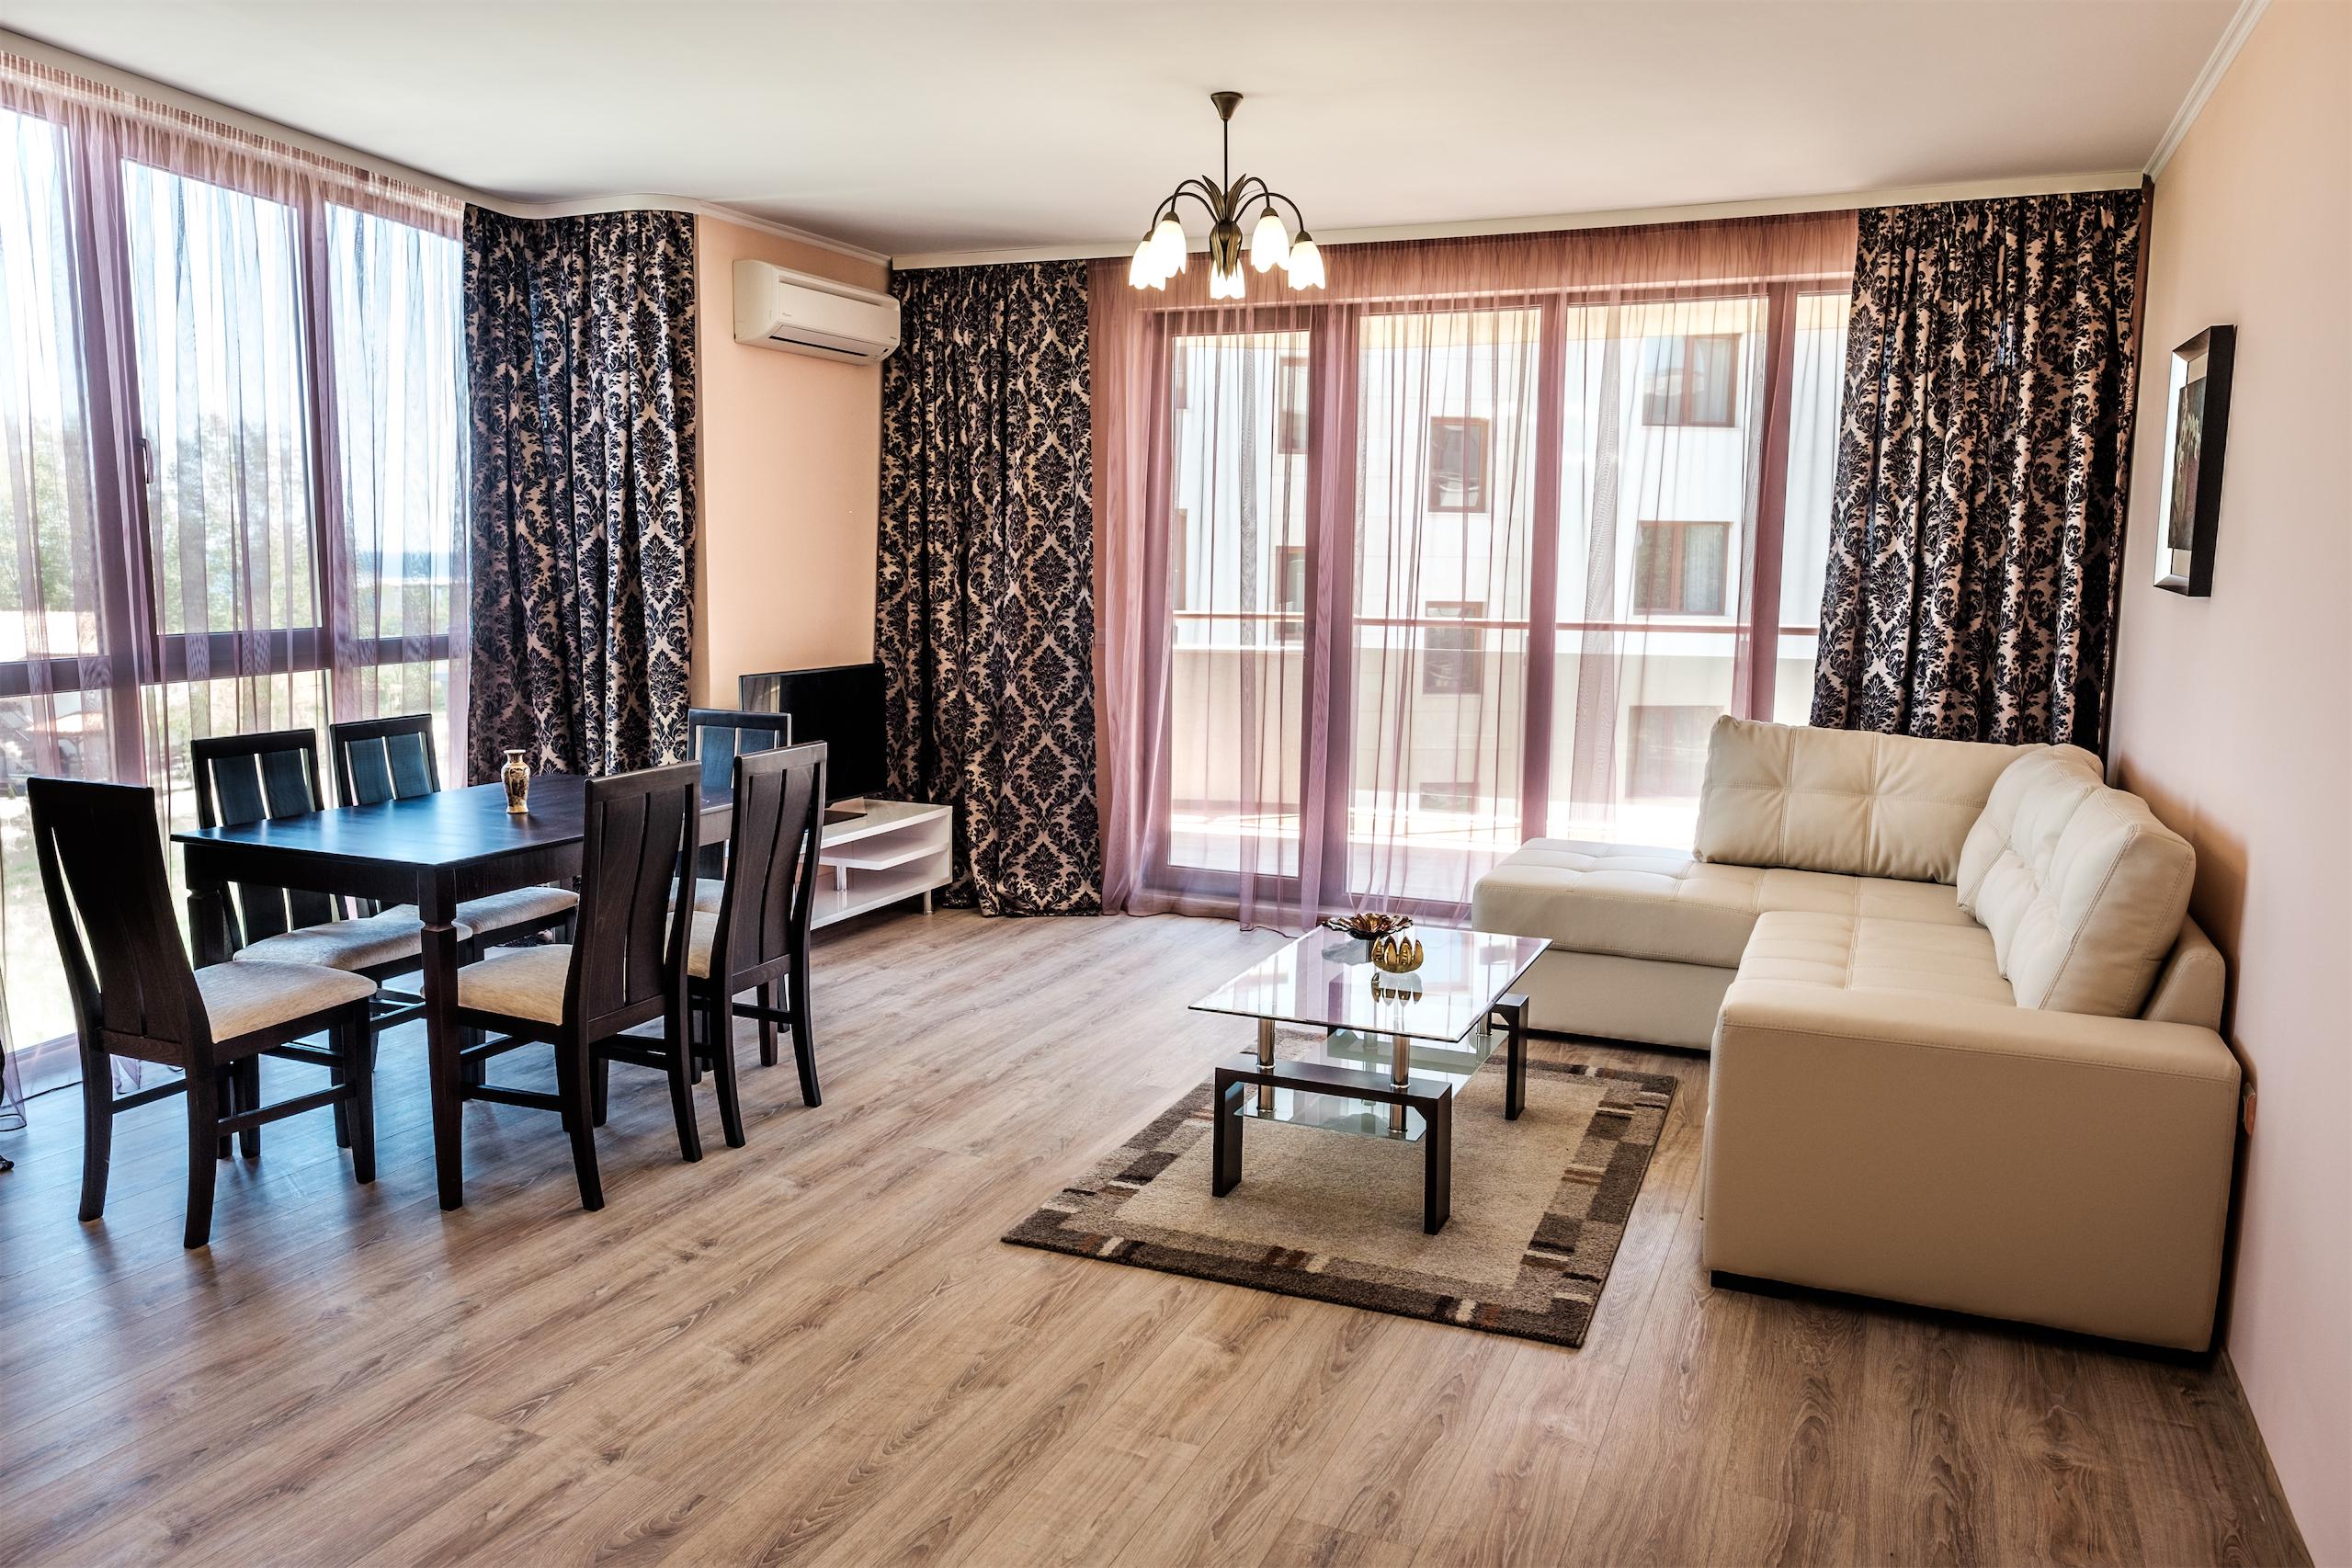 Заснемане на интериор и екстериор на хотел от фотограф от Варна.